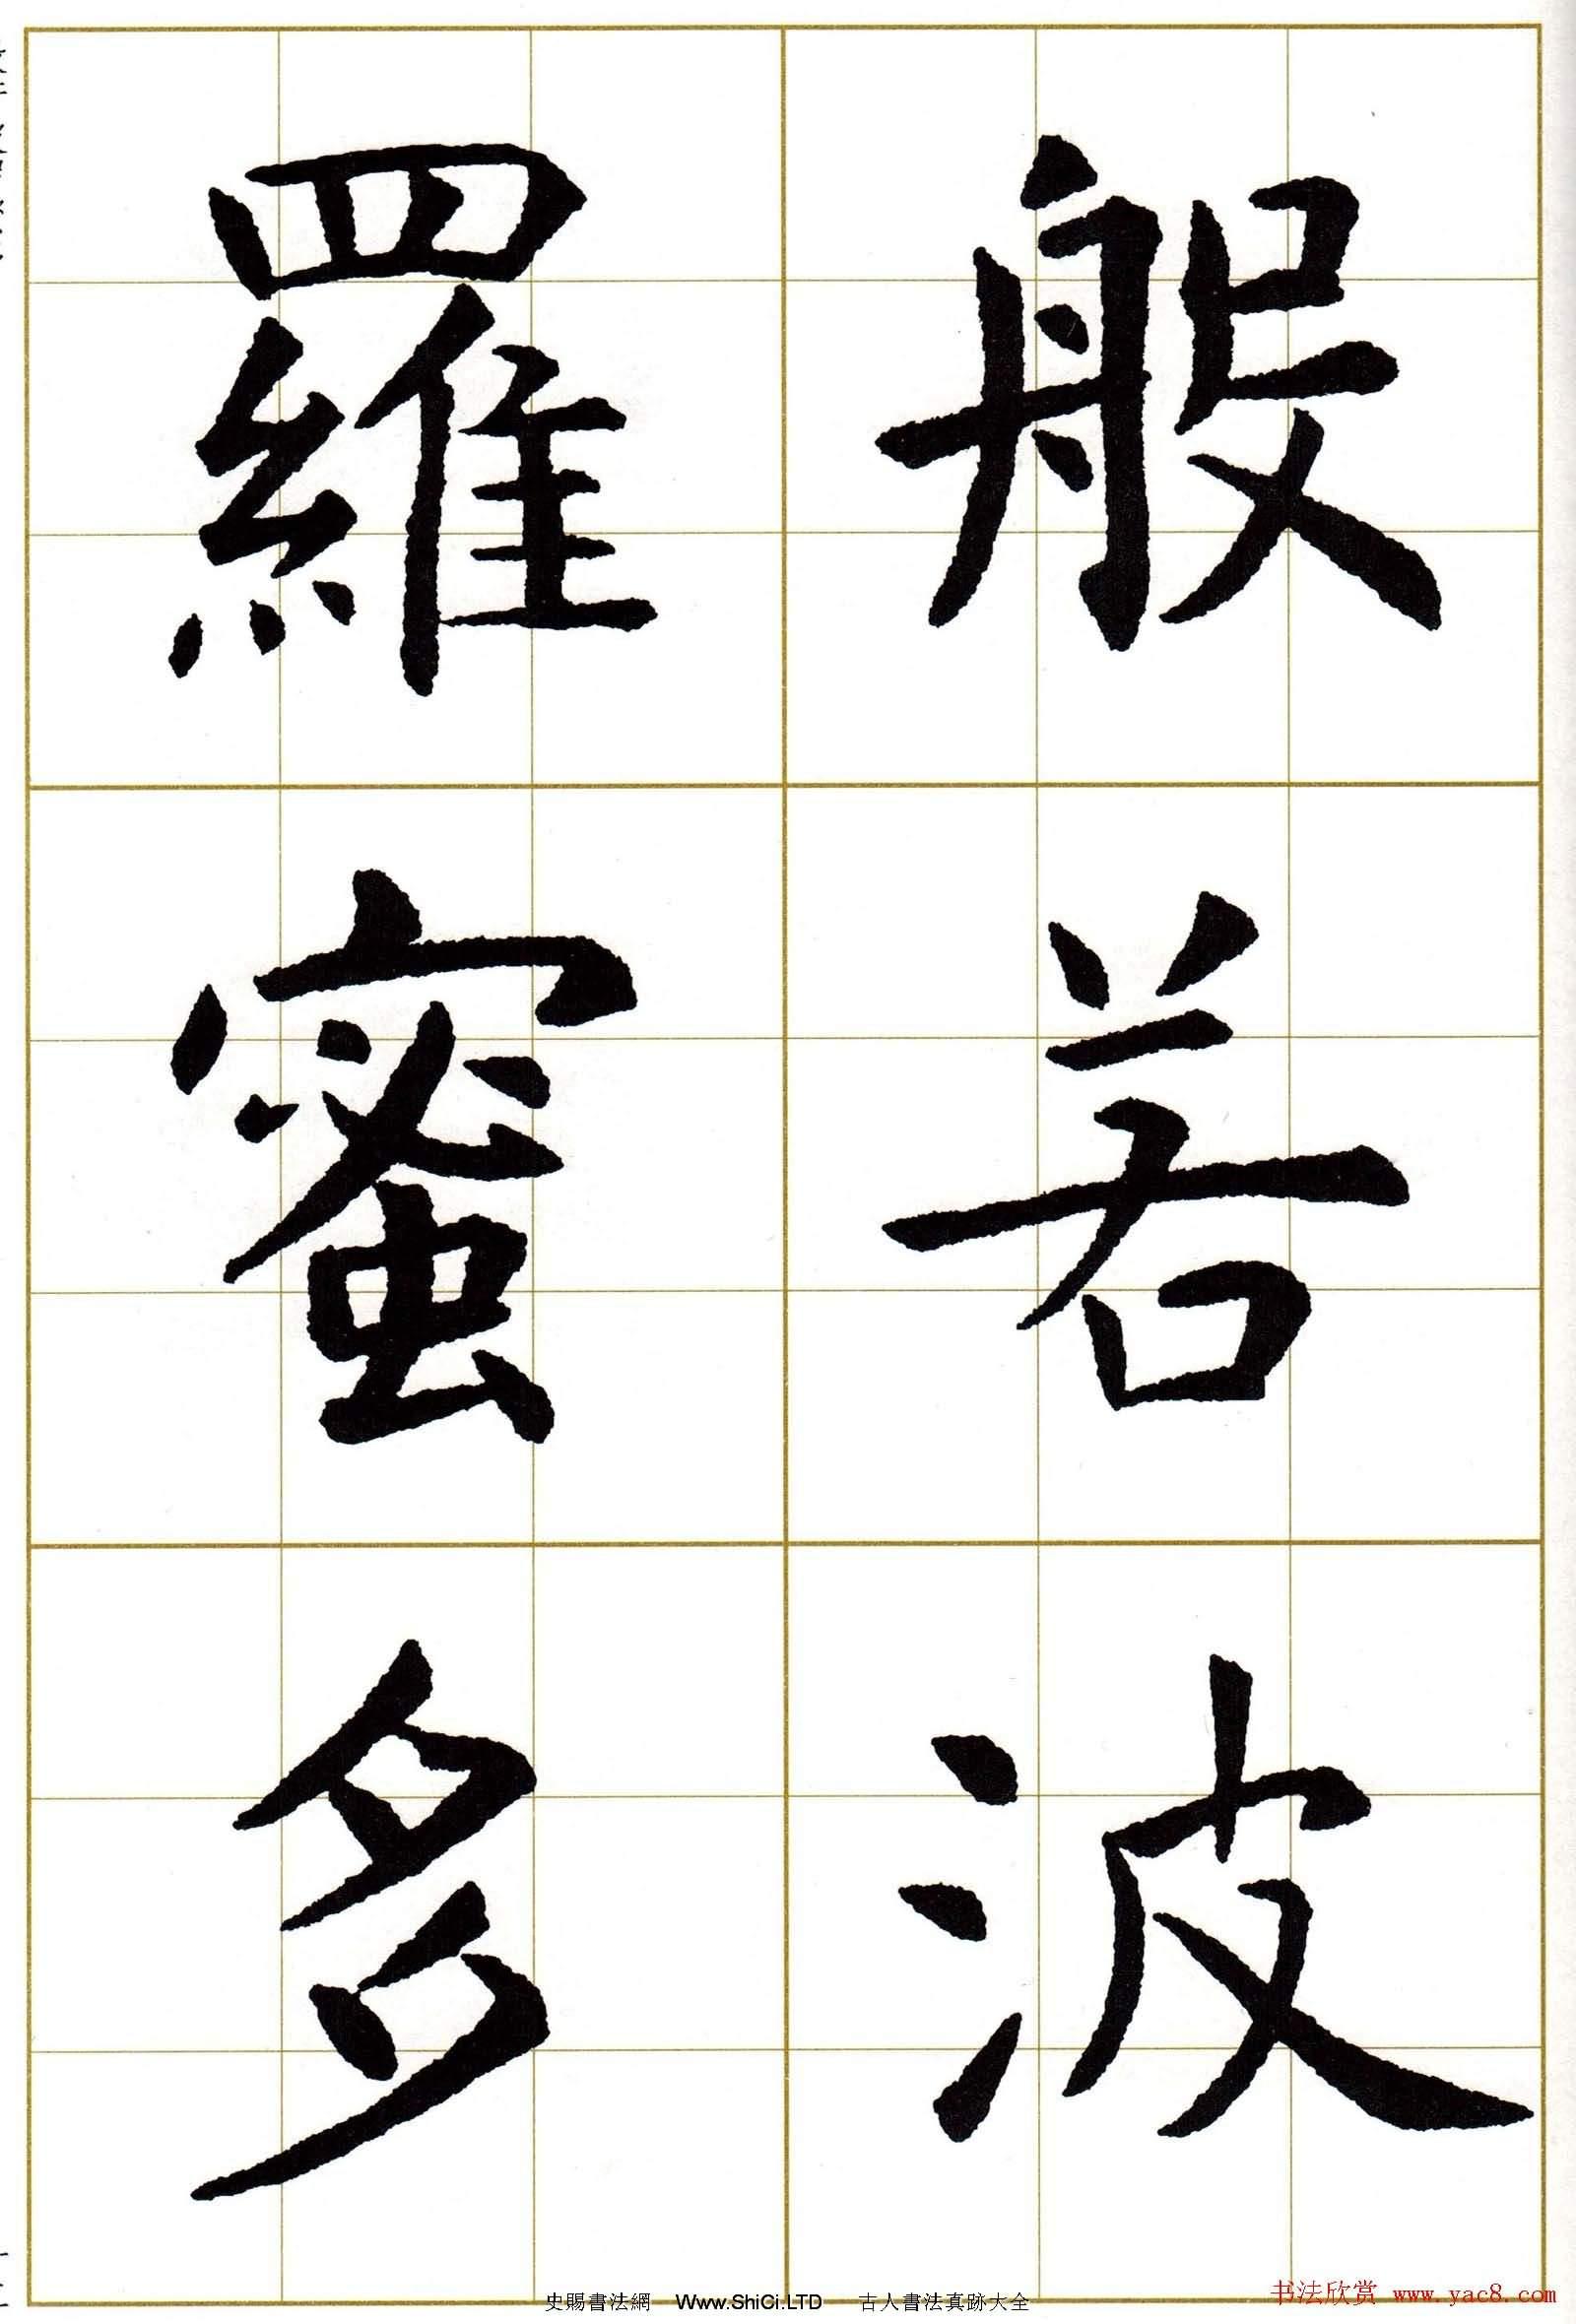 虞世南楷書集字心經字帖真跡欣賞(共46張圖片)